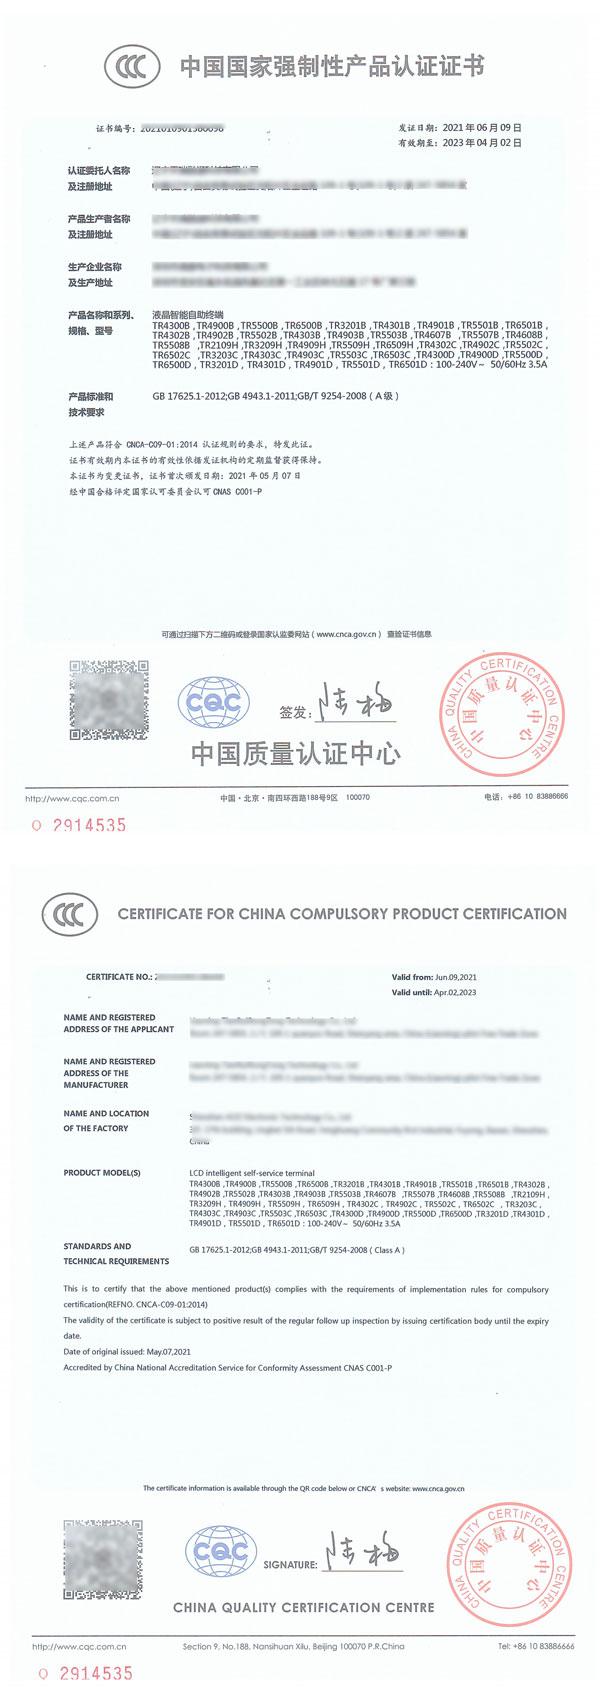 3c证书样本